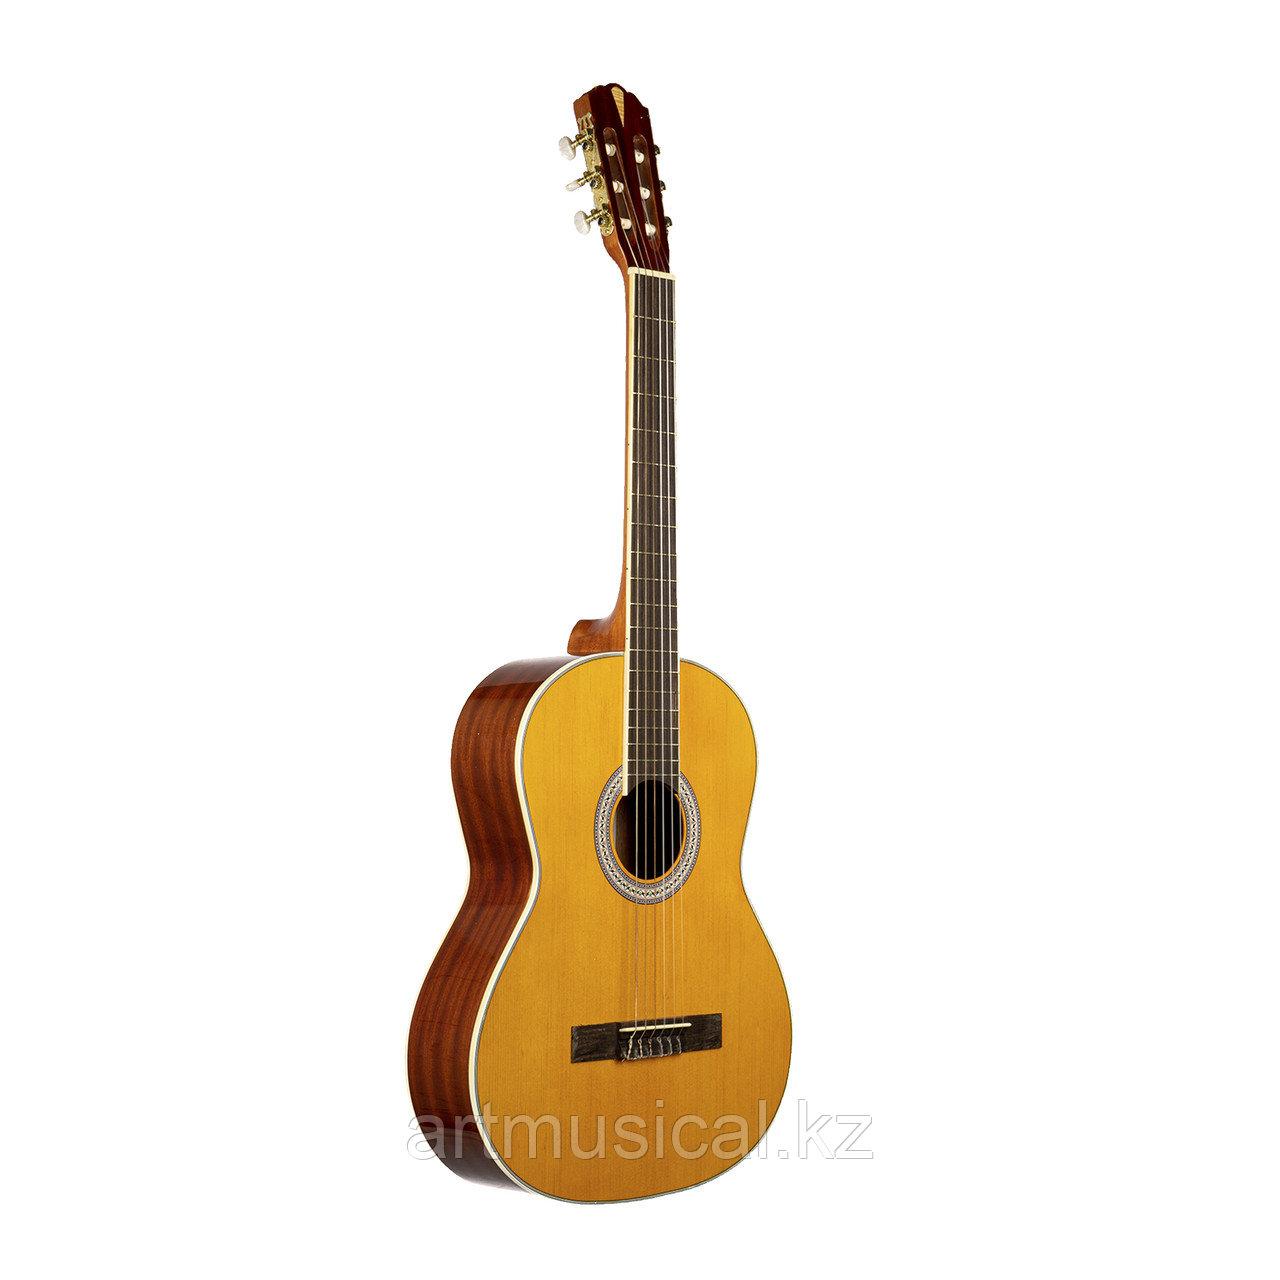 Классическая гитара Joker 3835